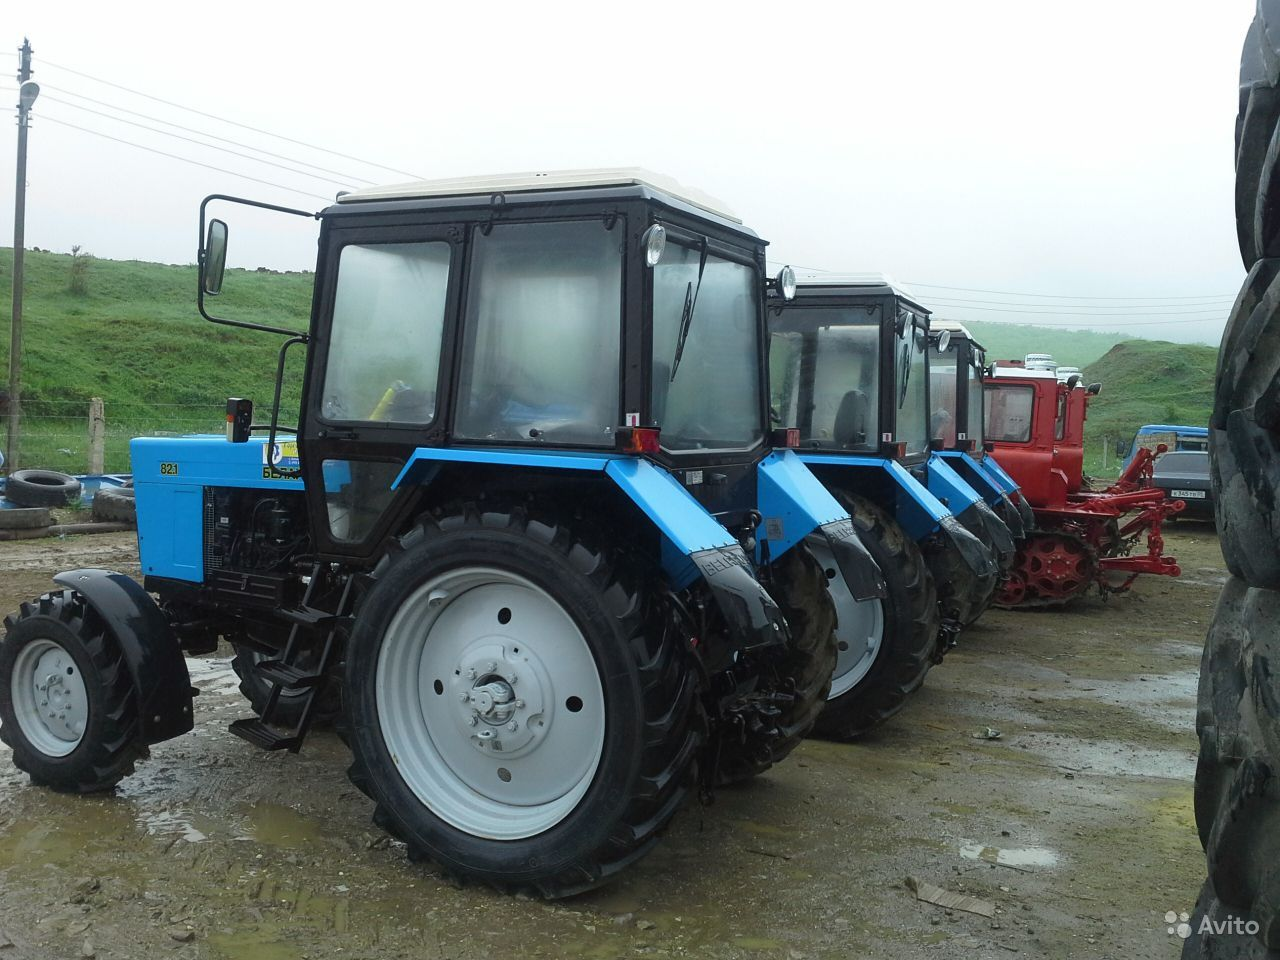 Купить запчасти для тракторов МТЗ в Москве каталог